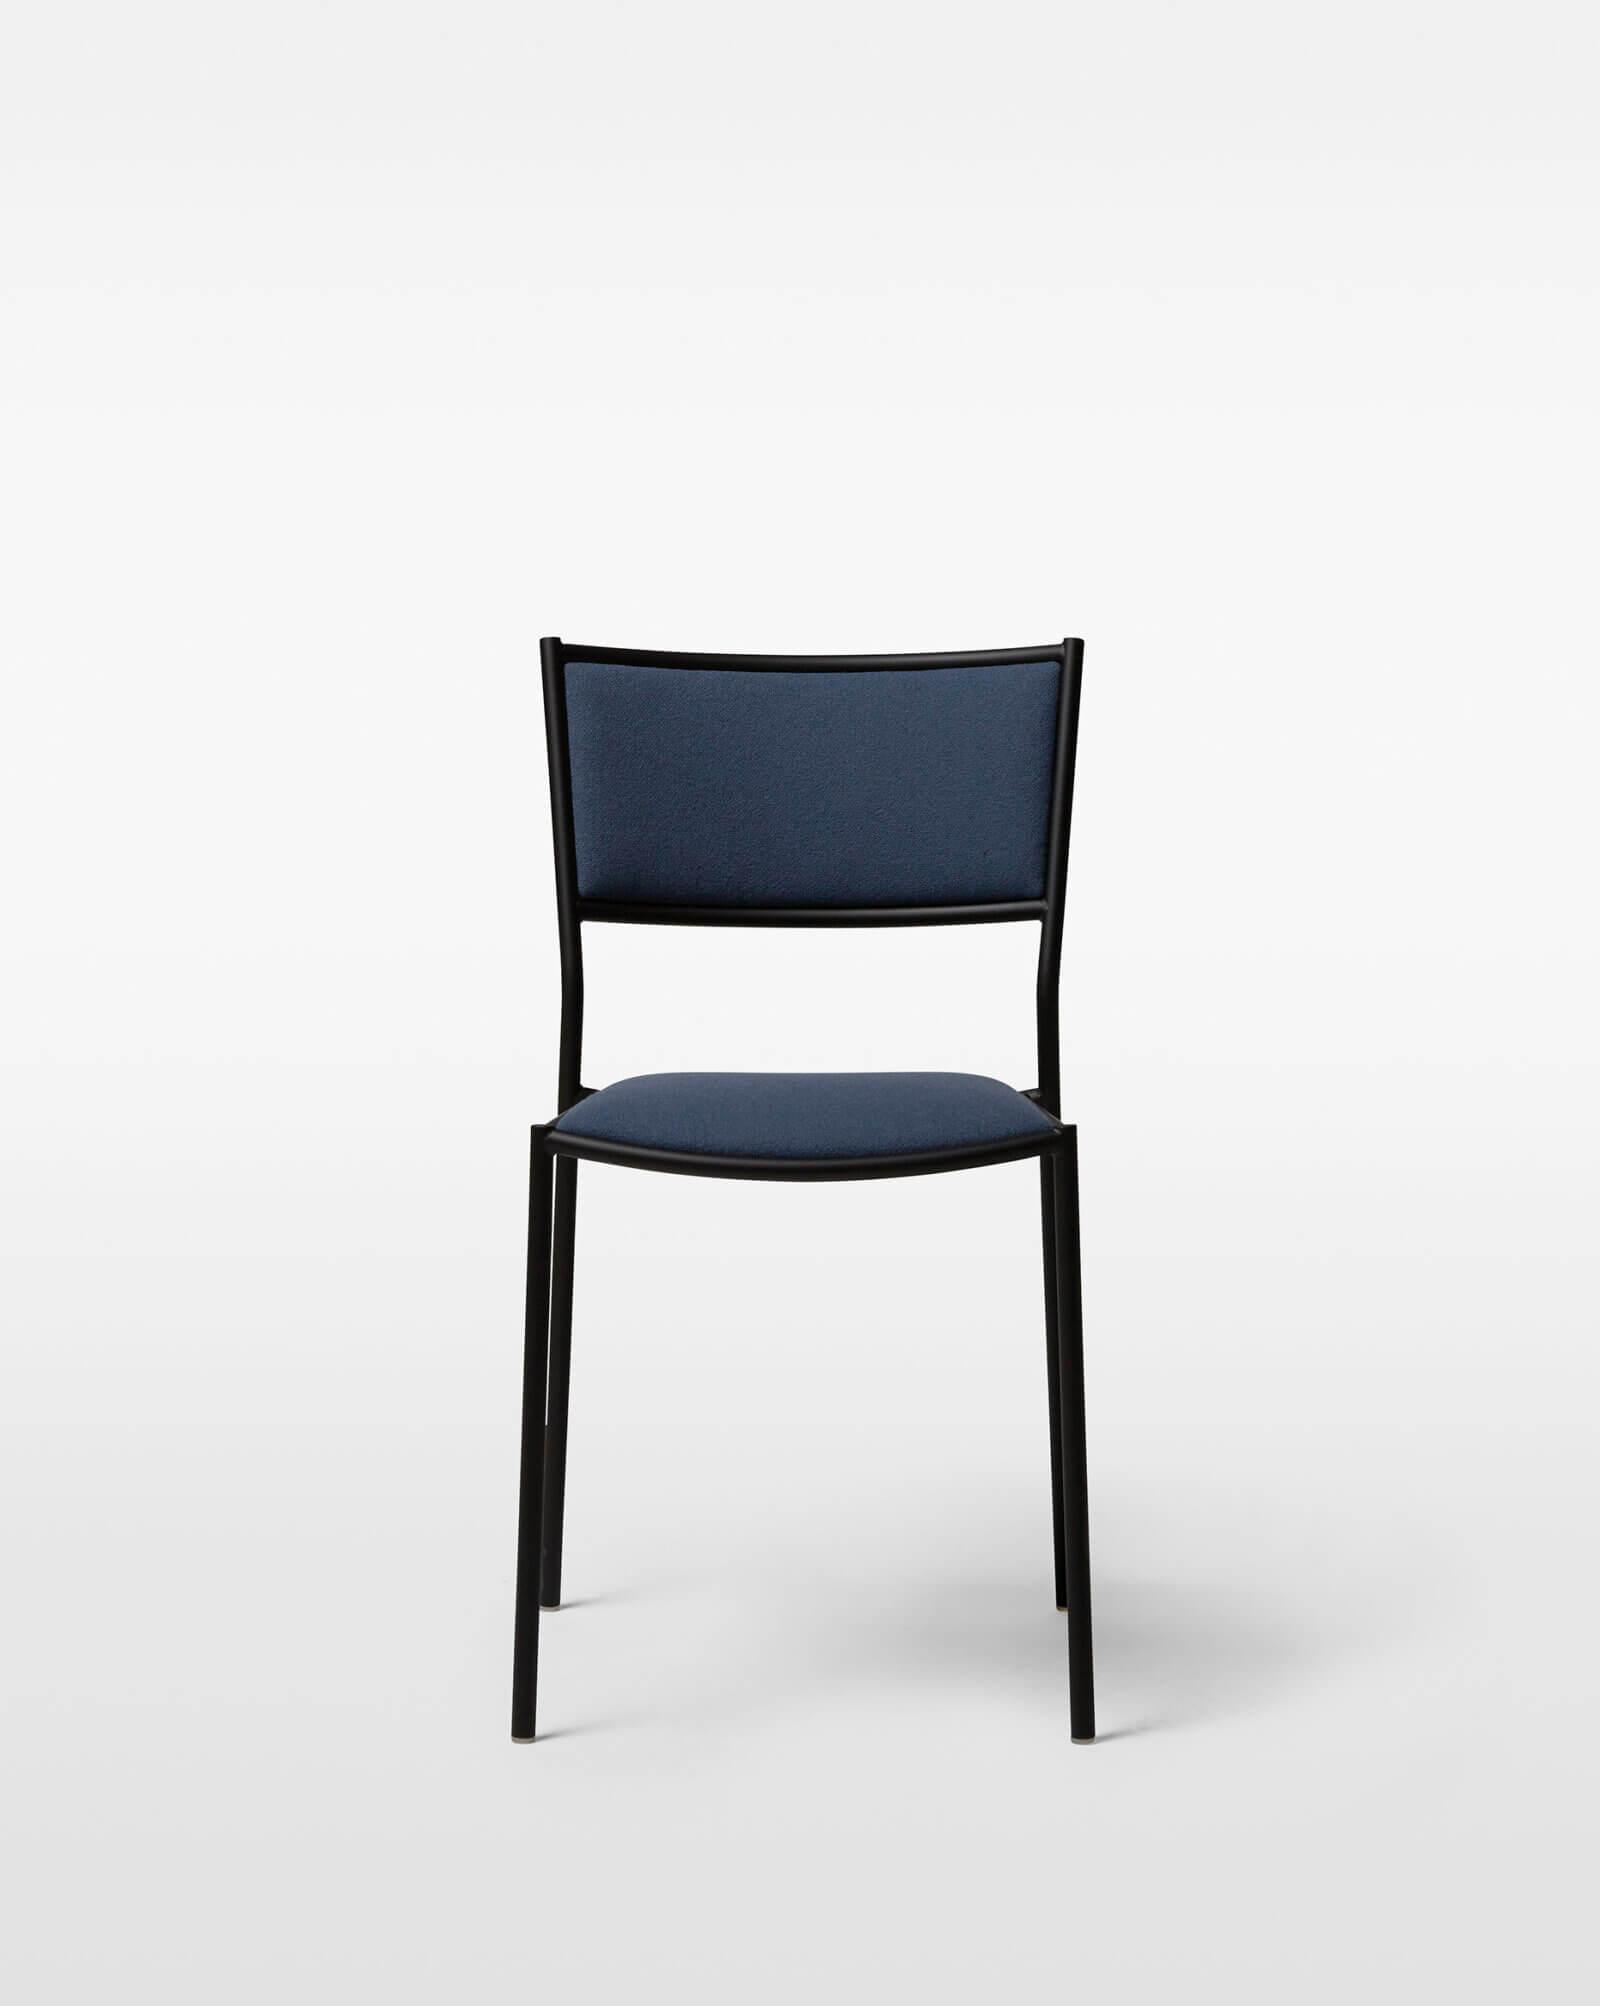 TinnappleMetz-massproductions-jig-chair-03